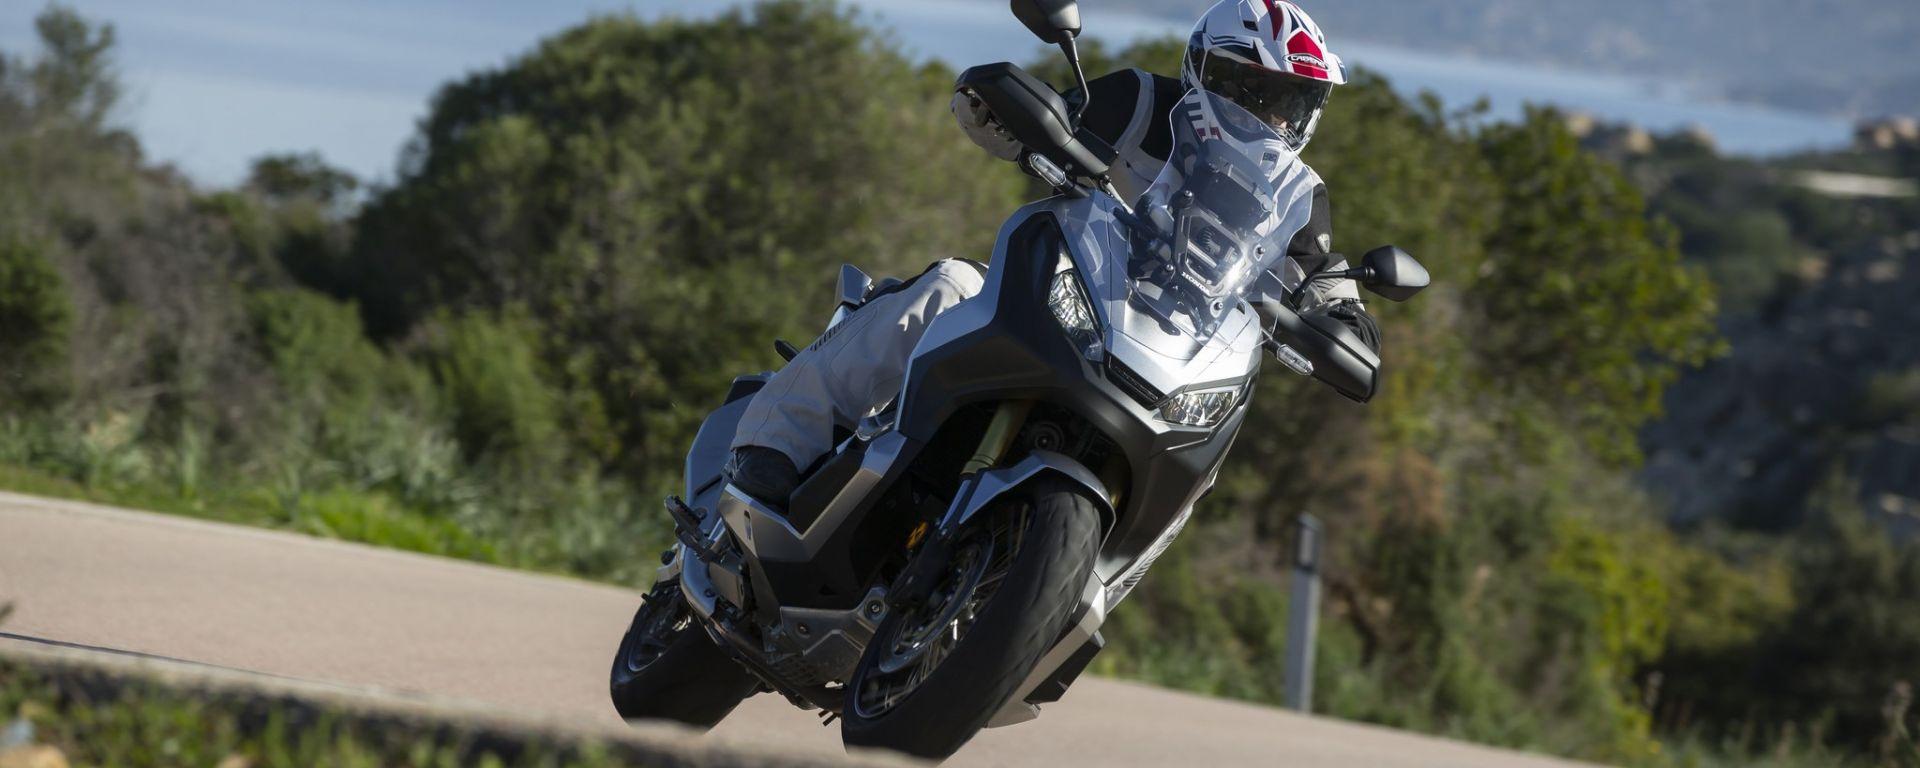 Honda X-ADV: prova, caratteristiche e prezzo